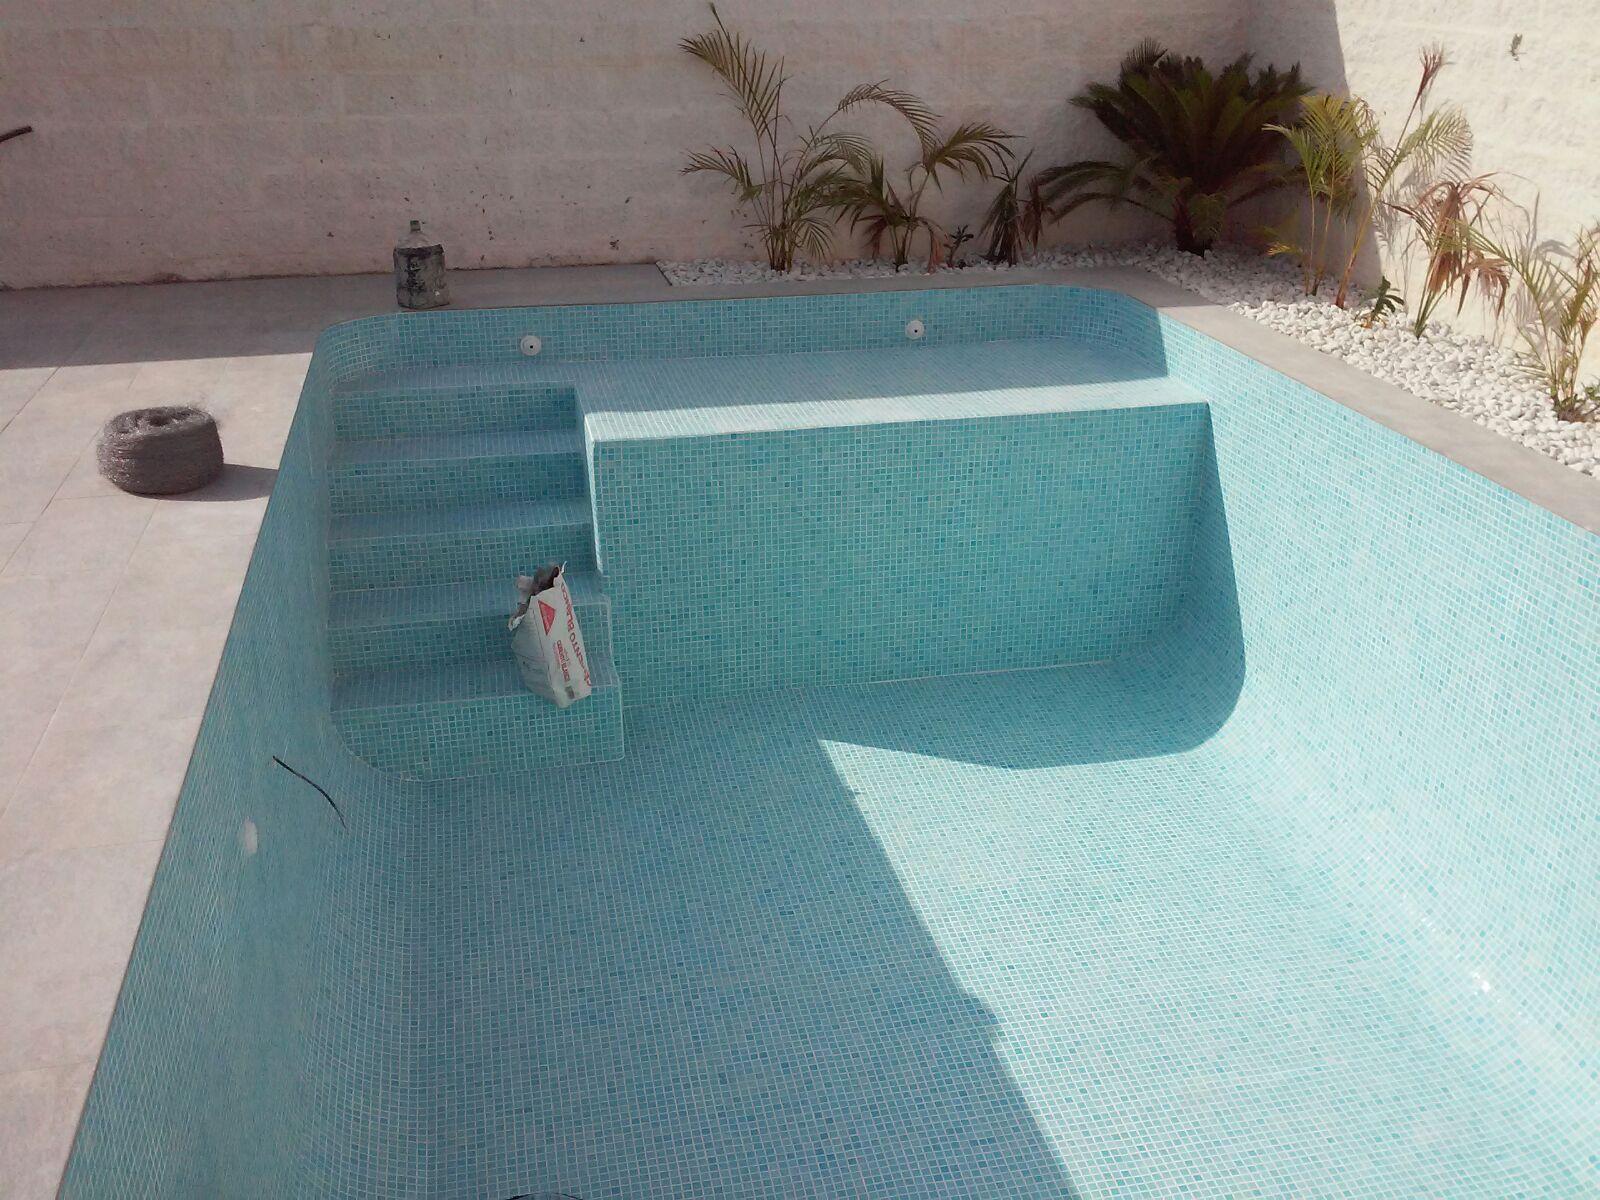 Imagenes whatsapp 777 construcci n de piscinas - Barrefondos para piscinas ...